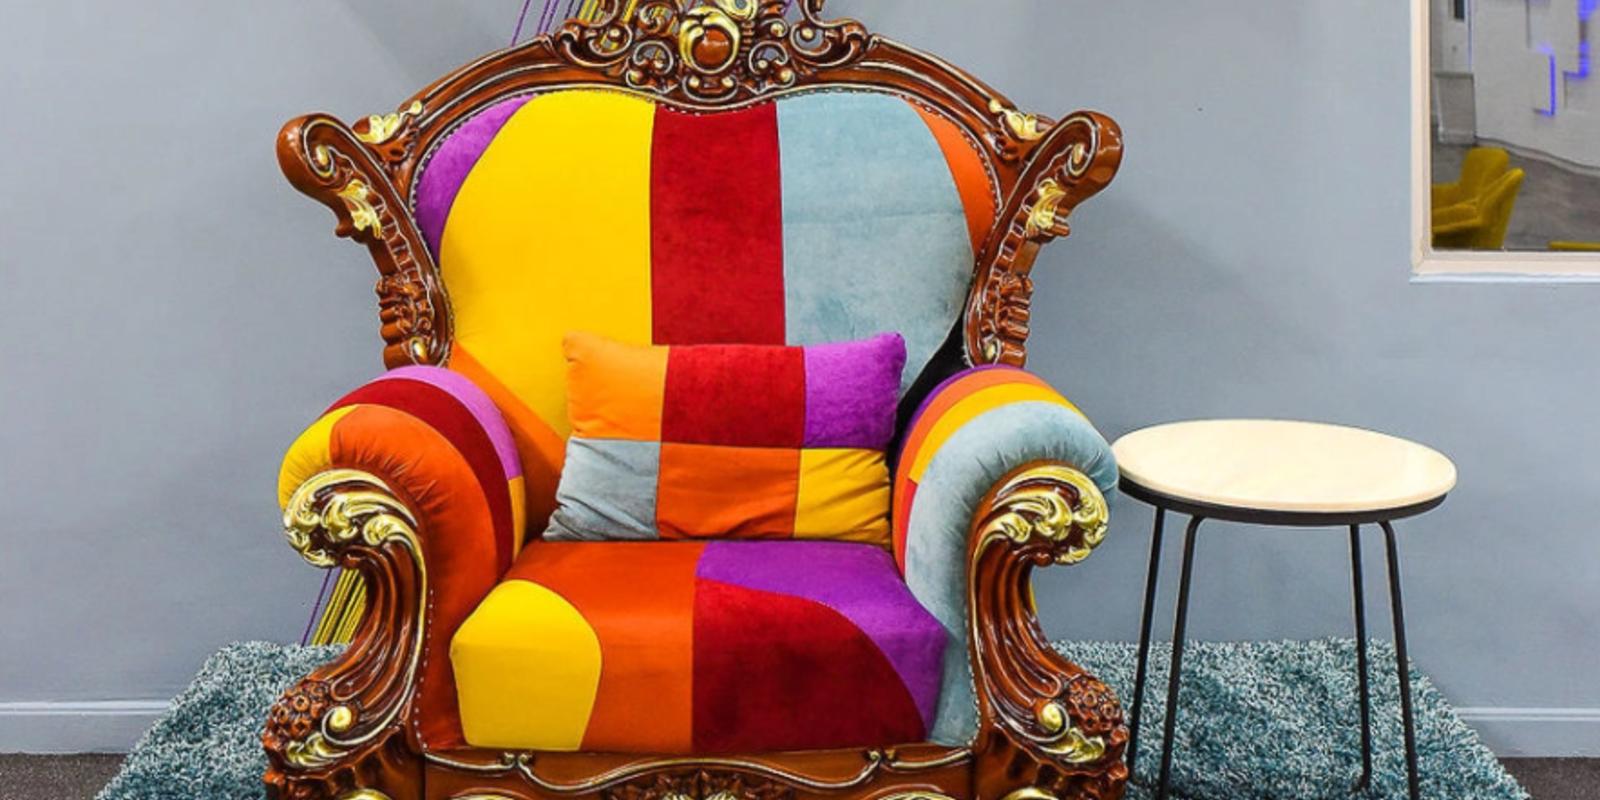 1599759032 34 a chair